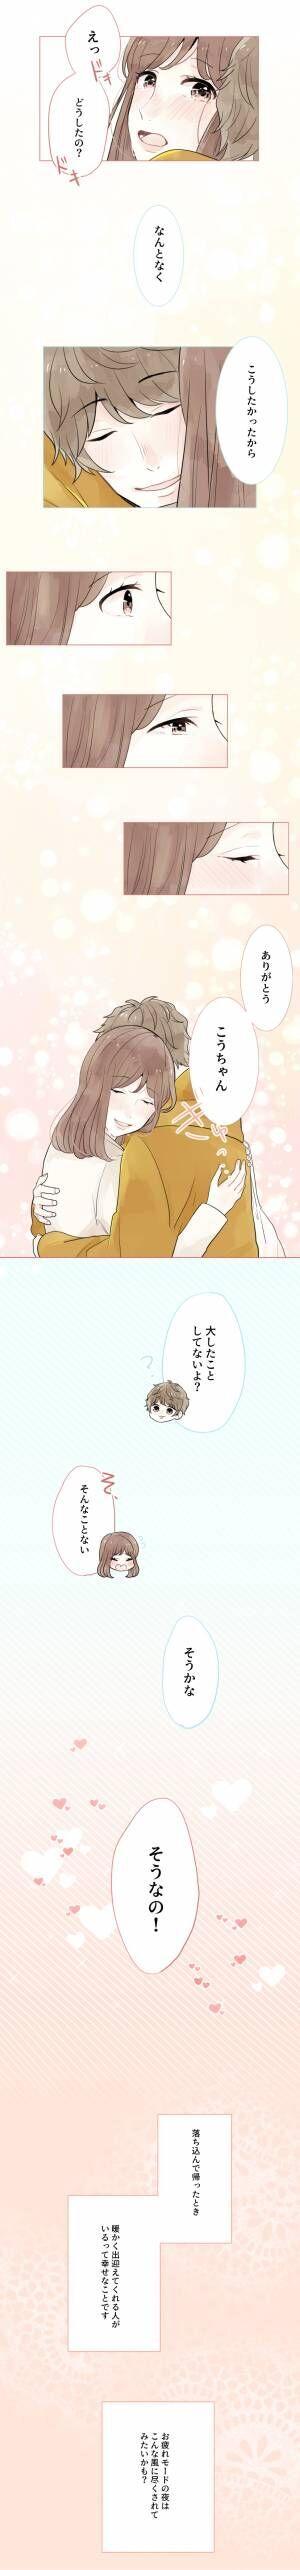 【恋愛マンガ】思わず自慢したくなる? 癒し系彼氏の愛情表現